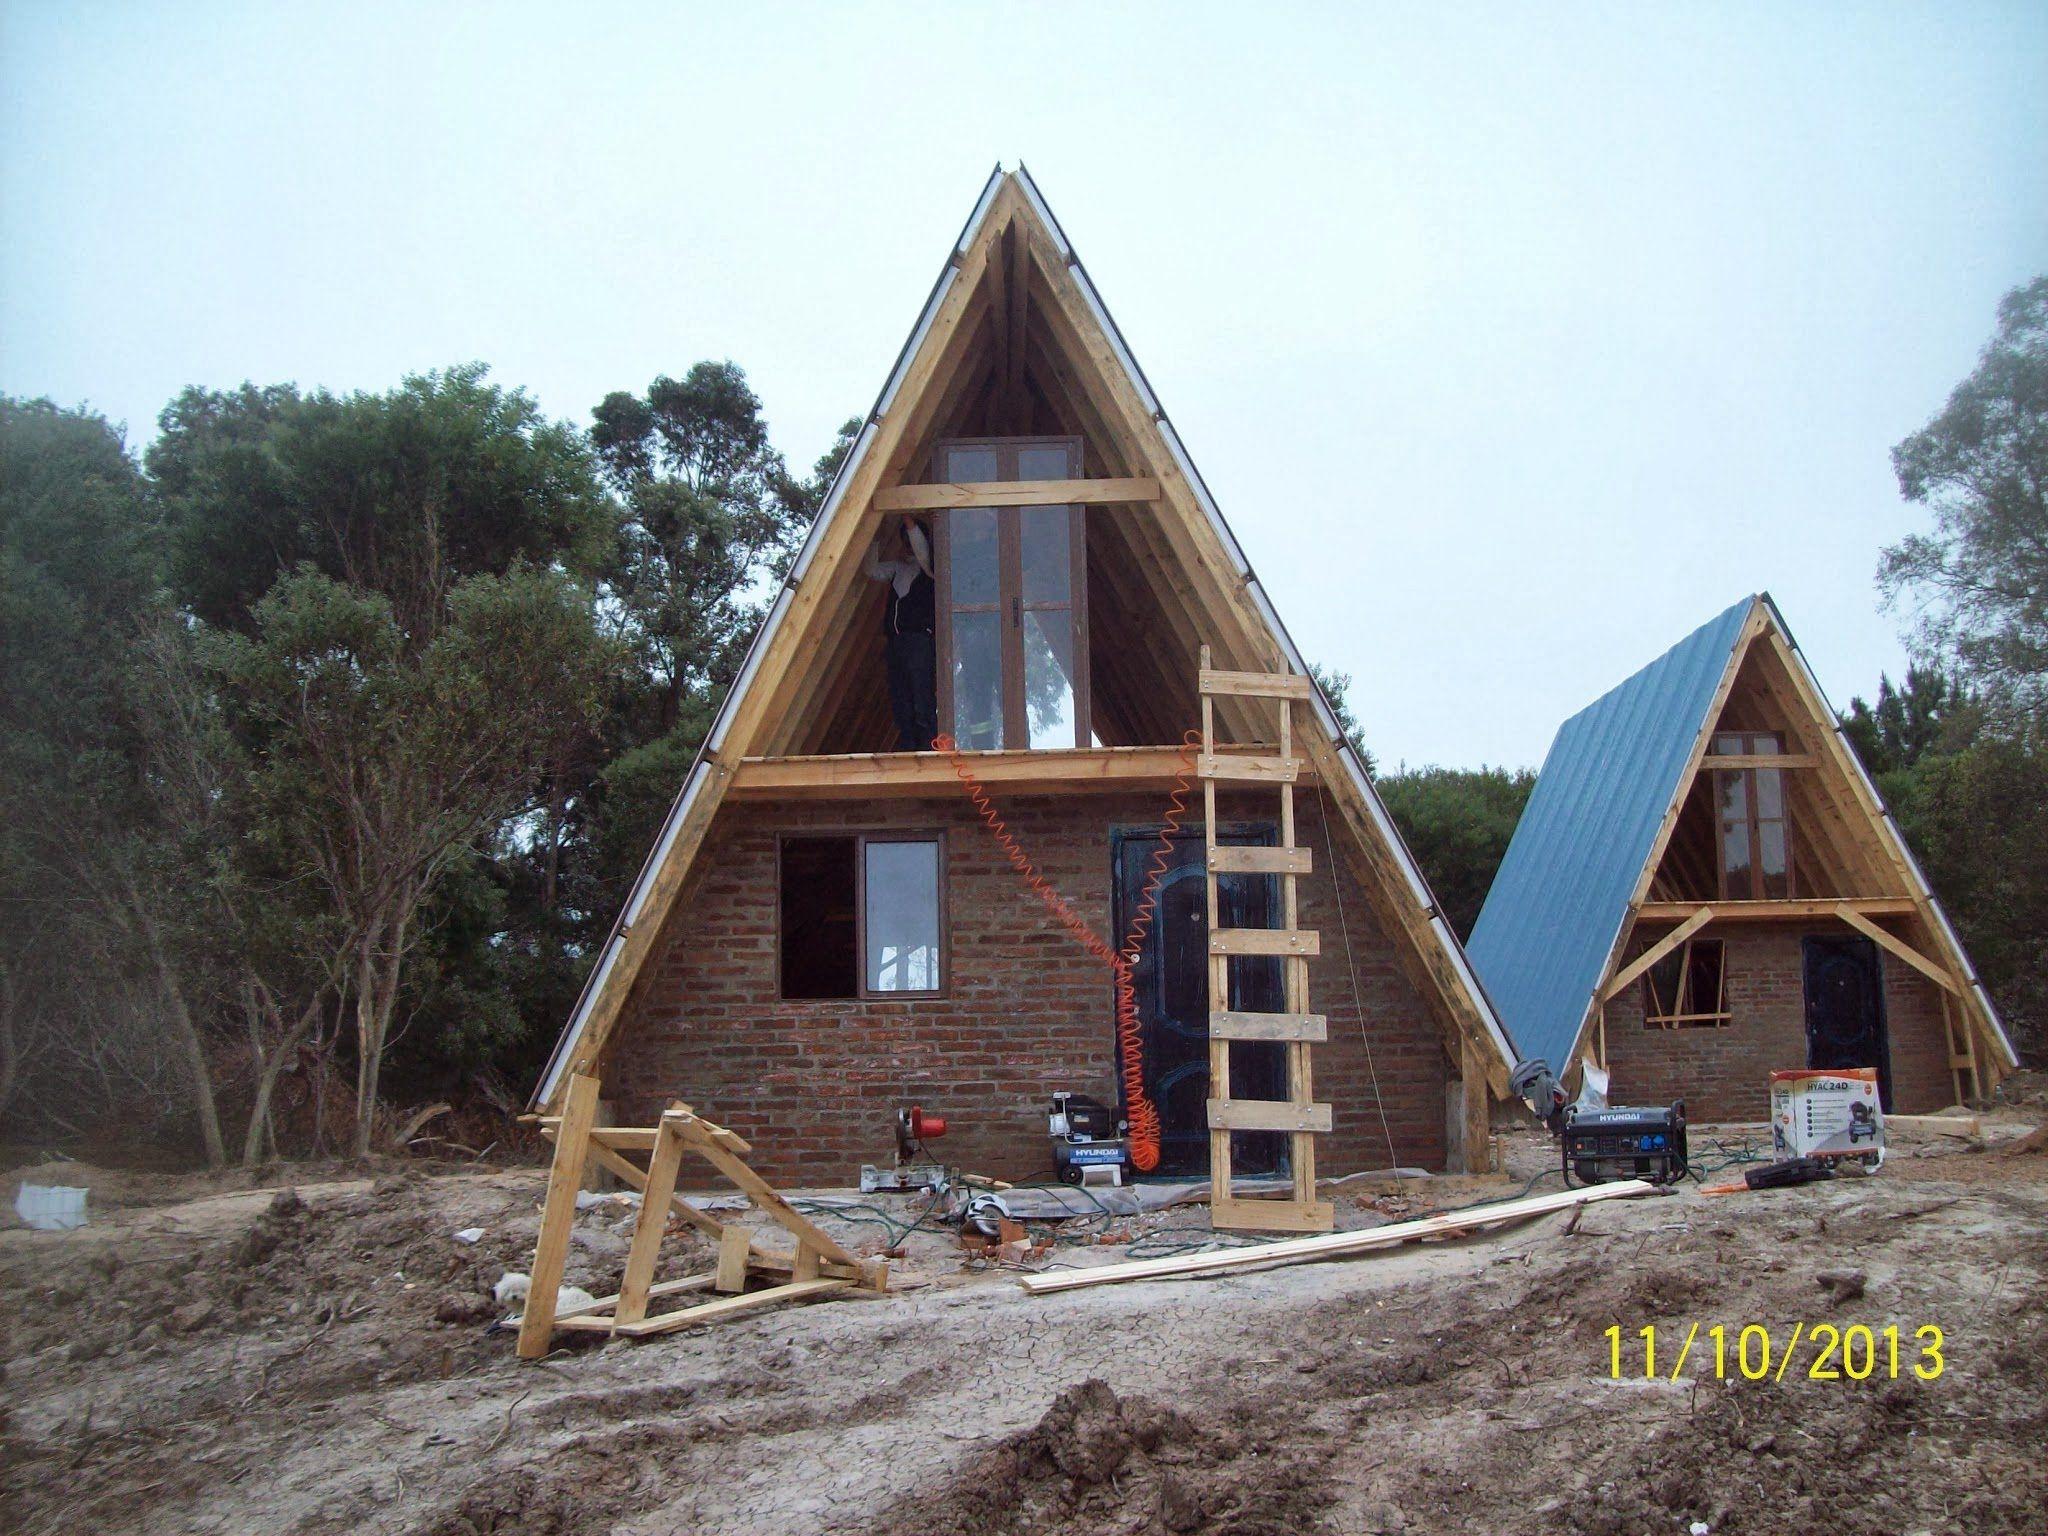 Caba a alpina madera tronco ladrillos economica for Cabanas madera baratas